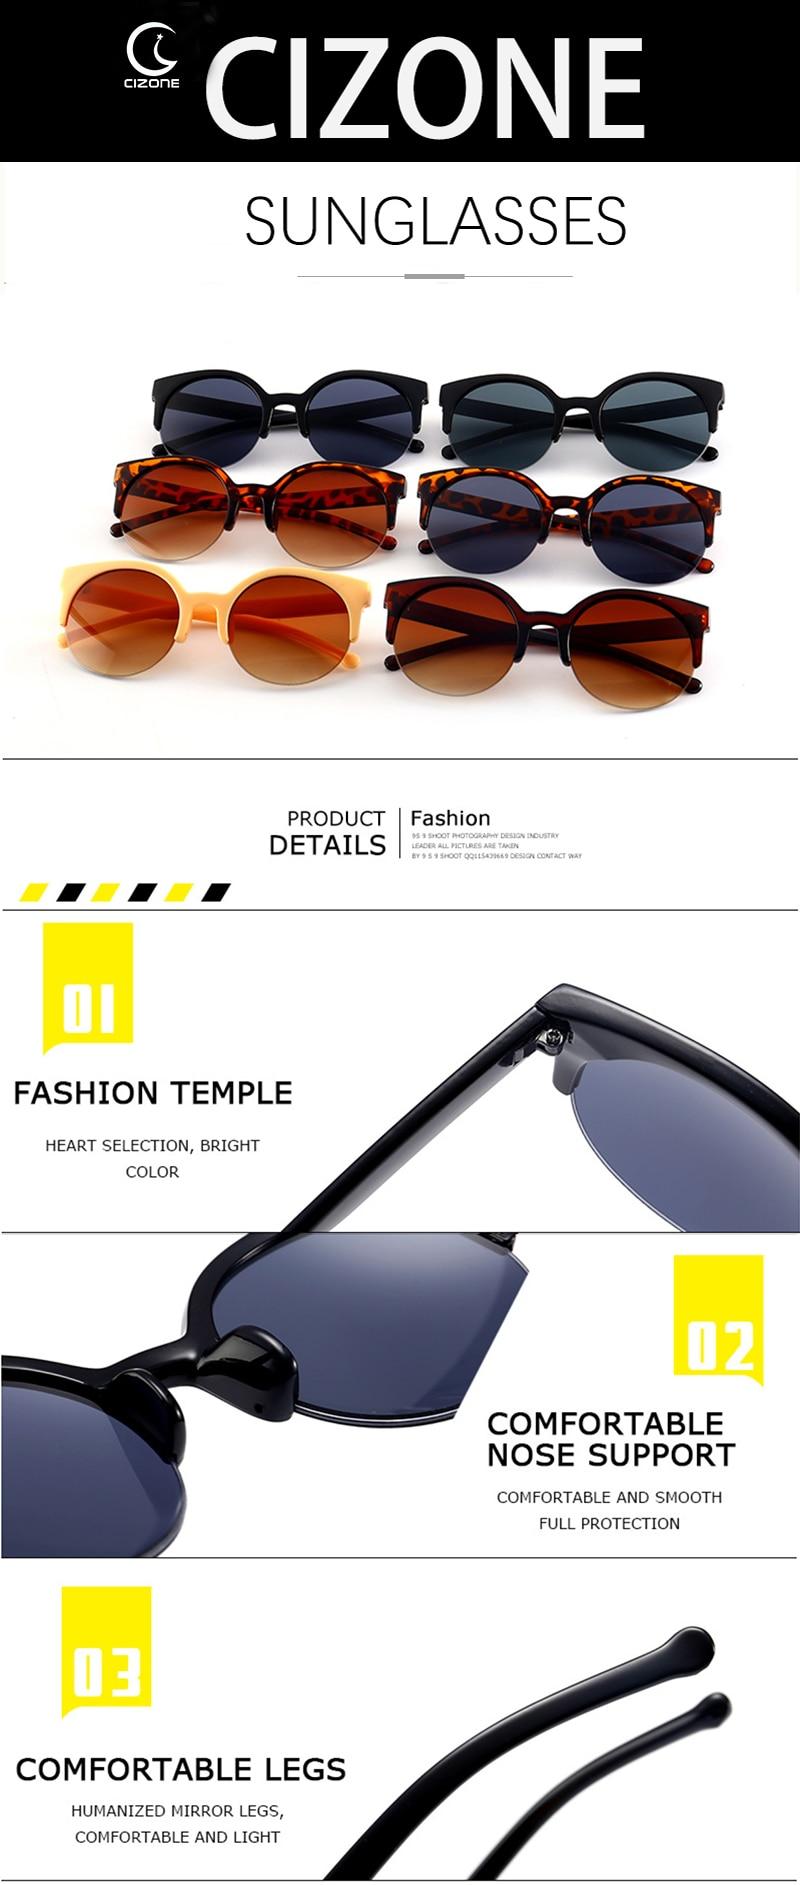 1 women semi-rimless roud lens sunglasses